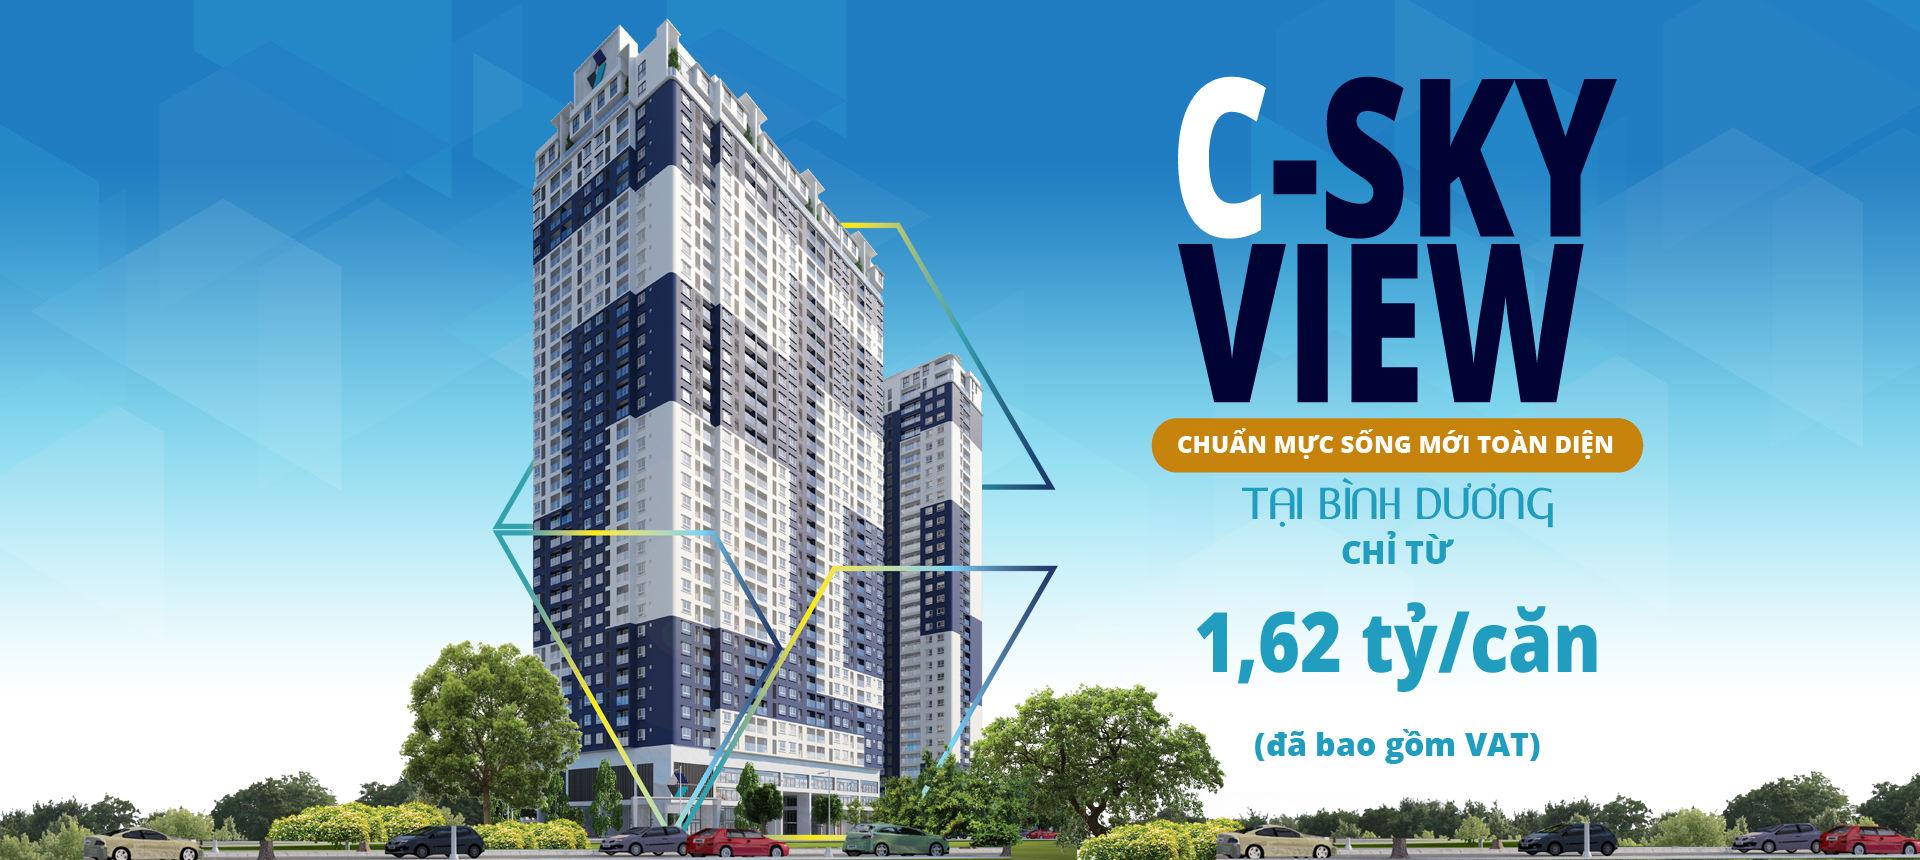 bảng giá c sky view